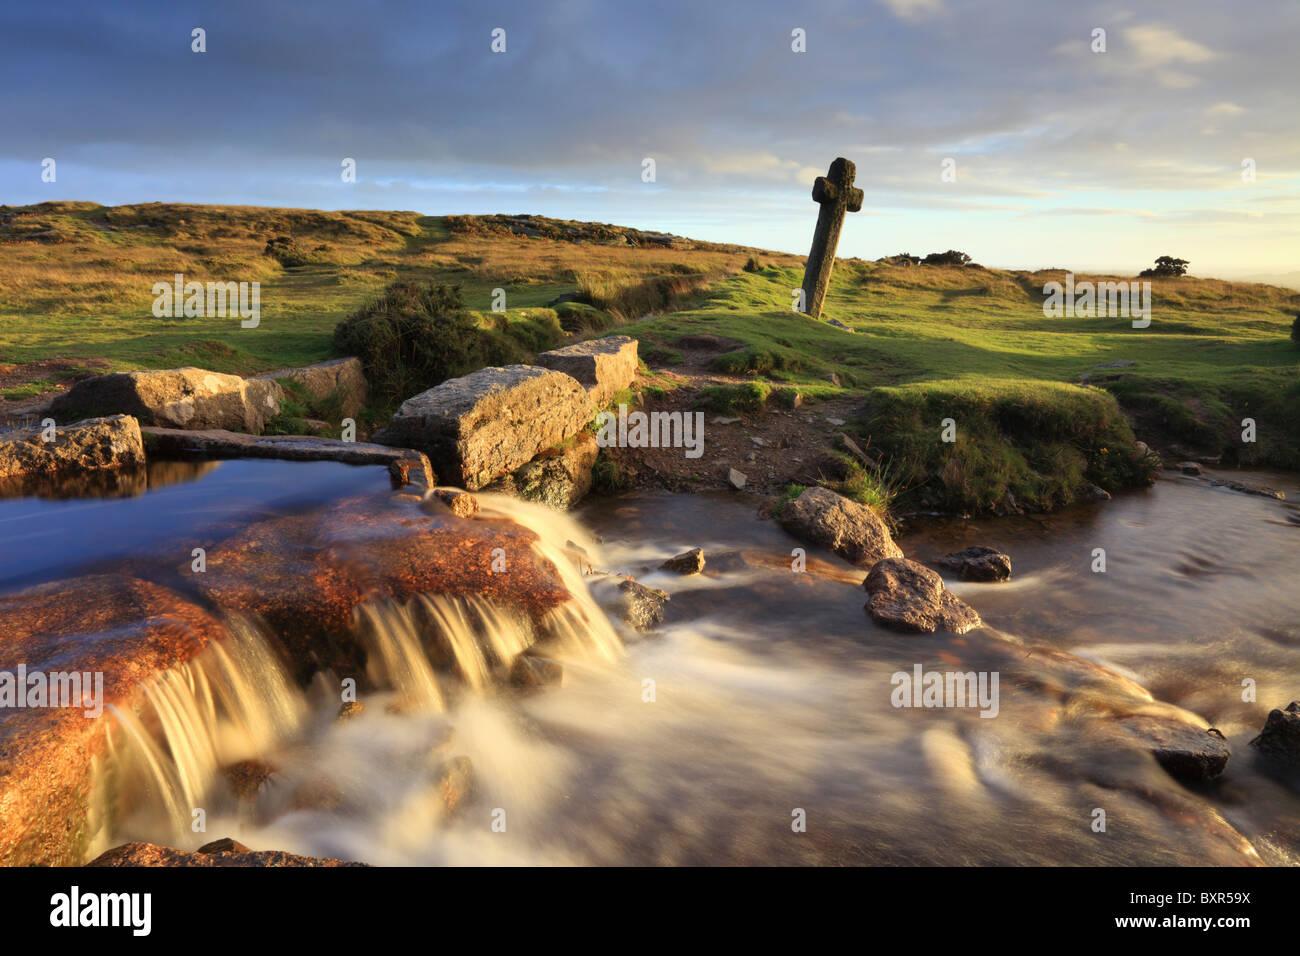 Windy Post Croce nel Parco Nazionale di Dartmoor, Devon Immagini Stock